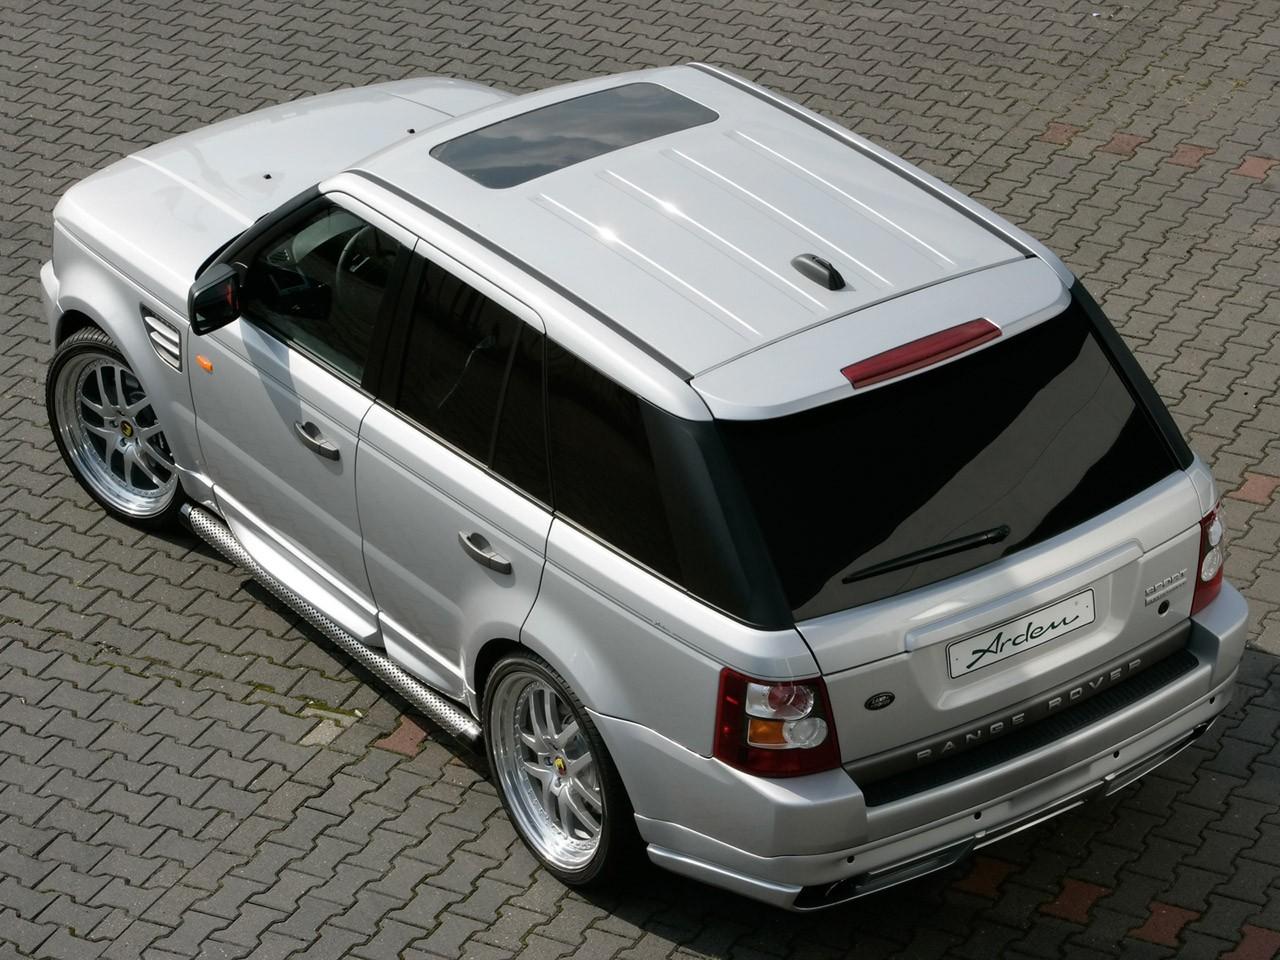 2006 Arden Range Rover Sport